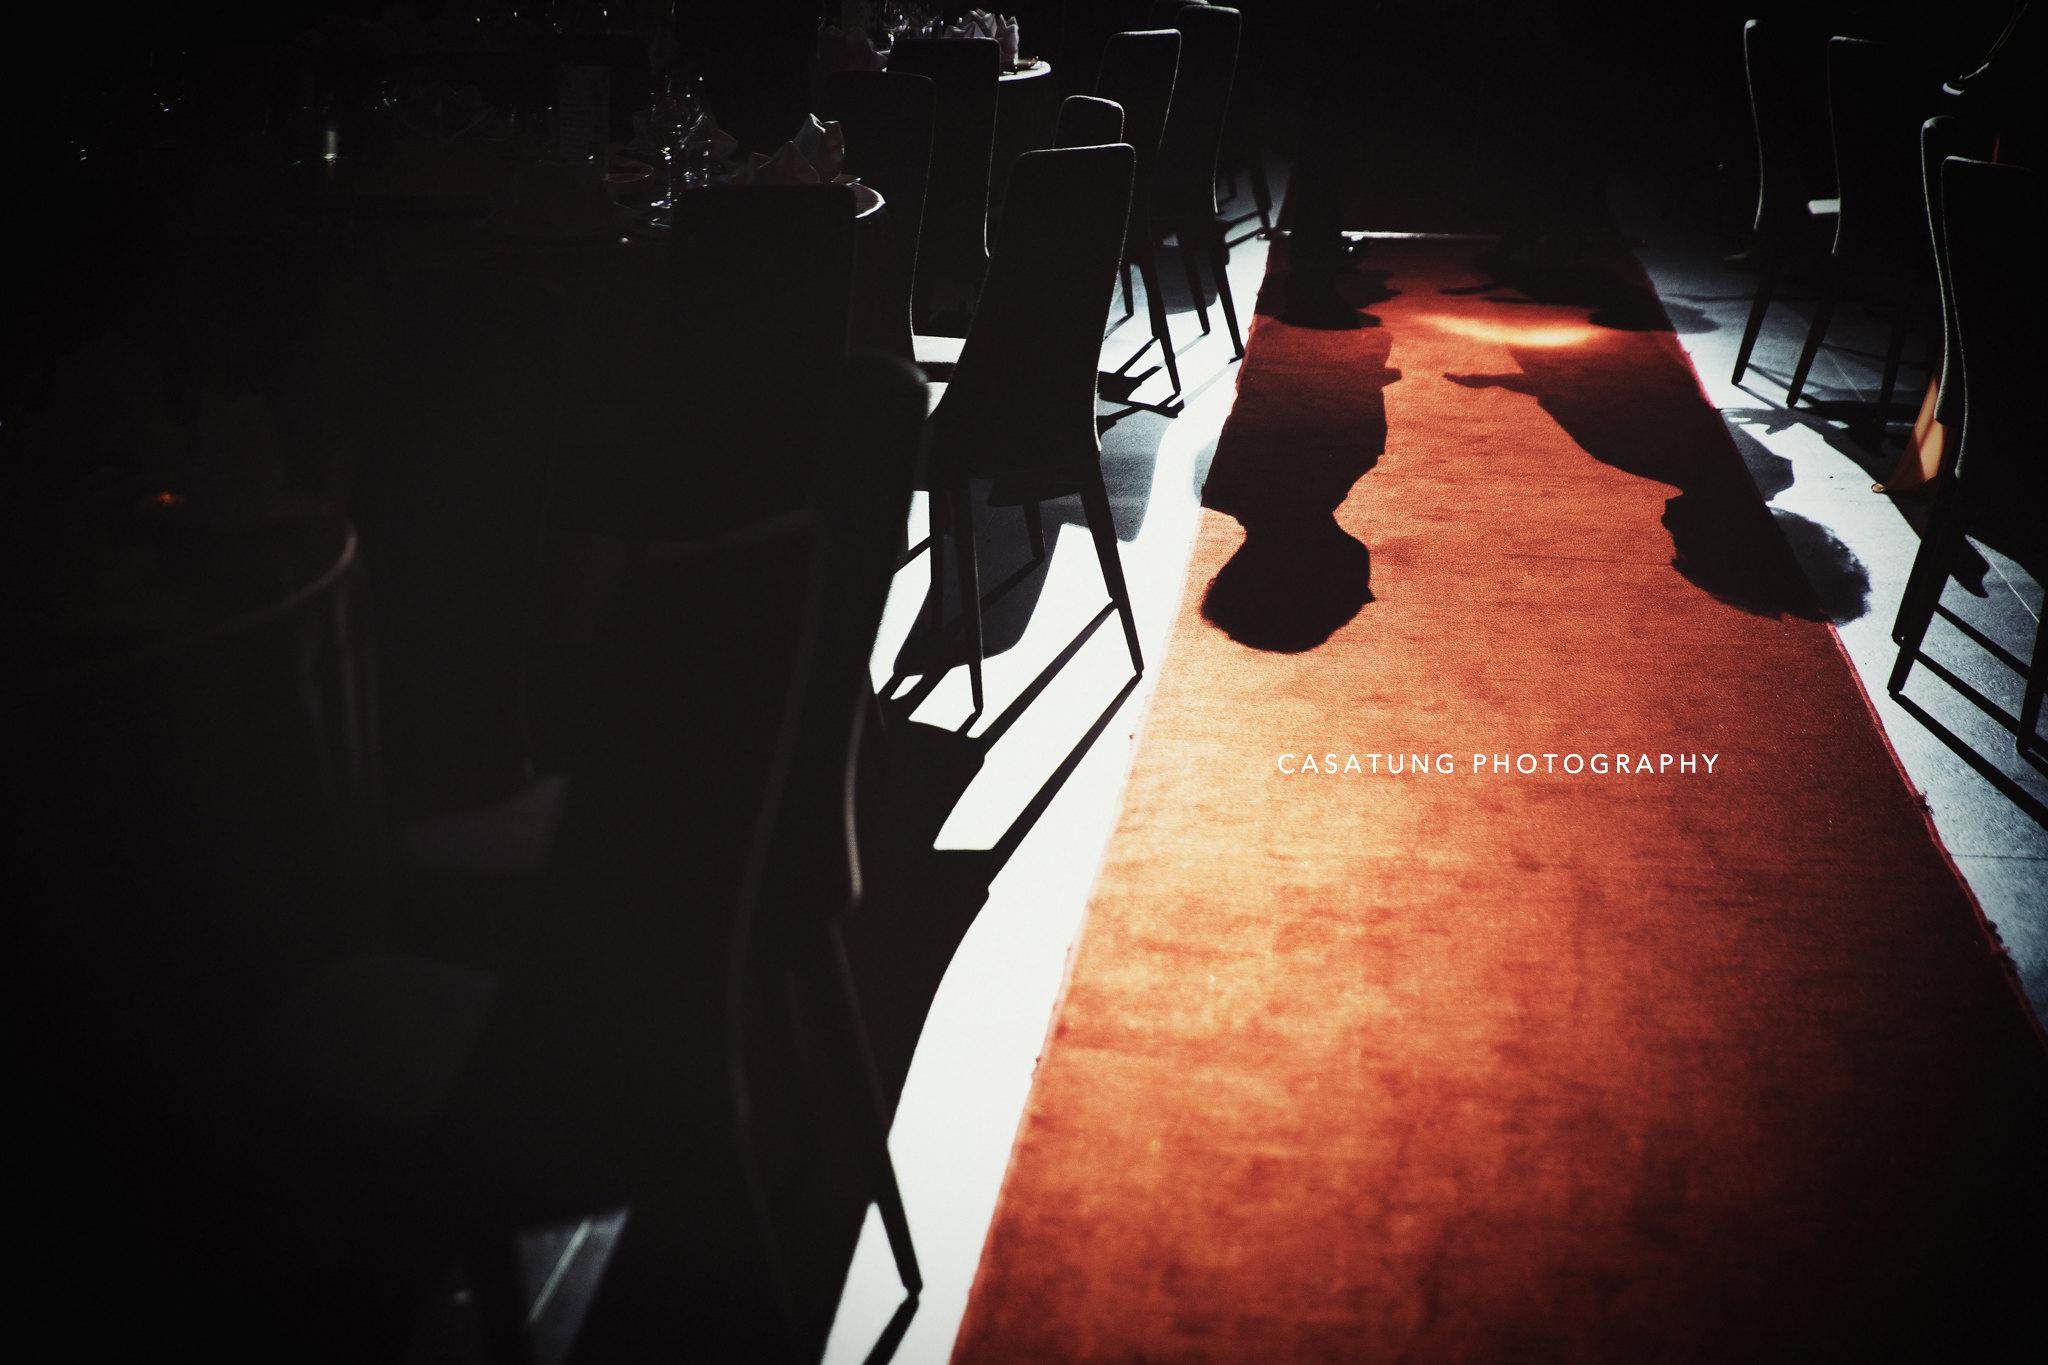 台中自助婚紗,旋轉木馬,casatung,心之芳庭,婚攝casa-193-1